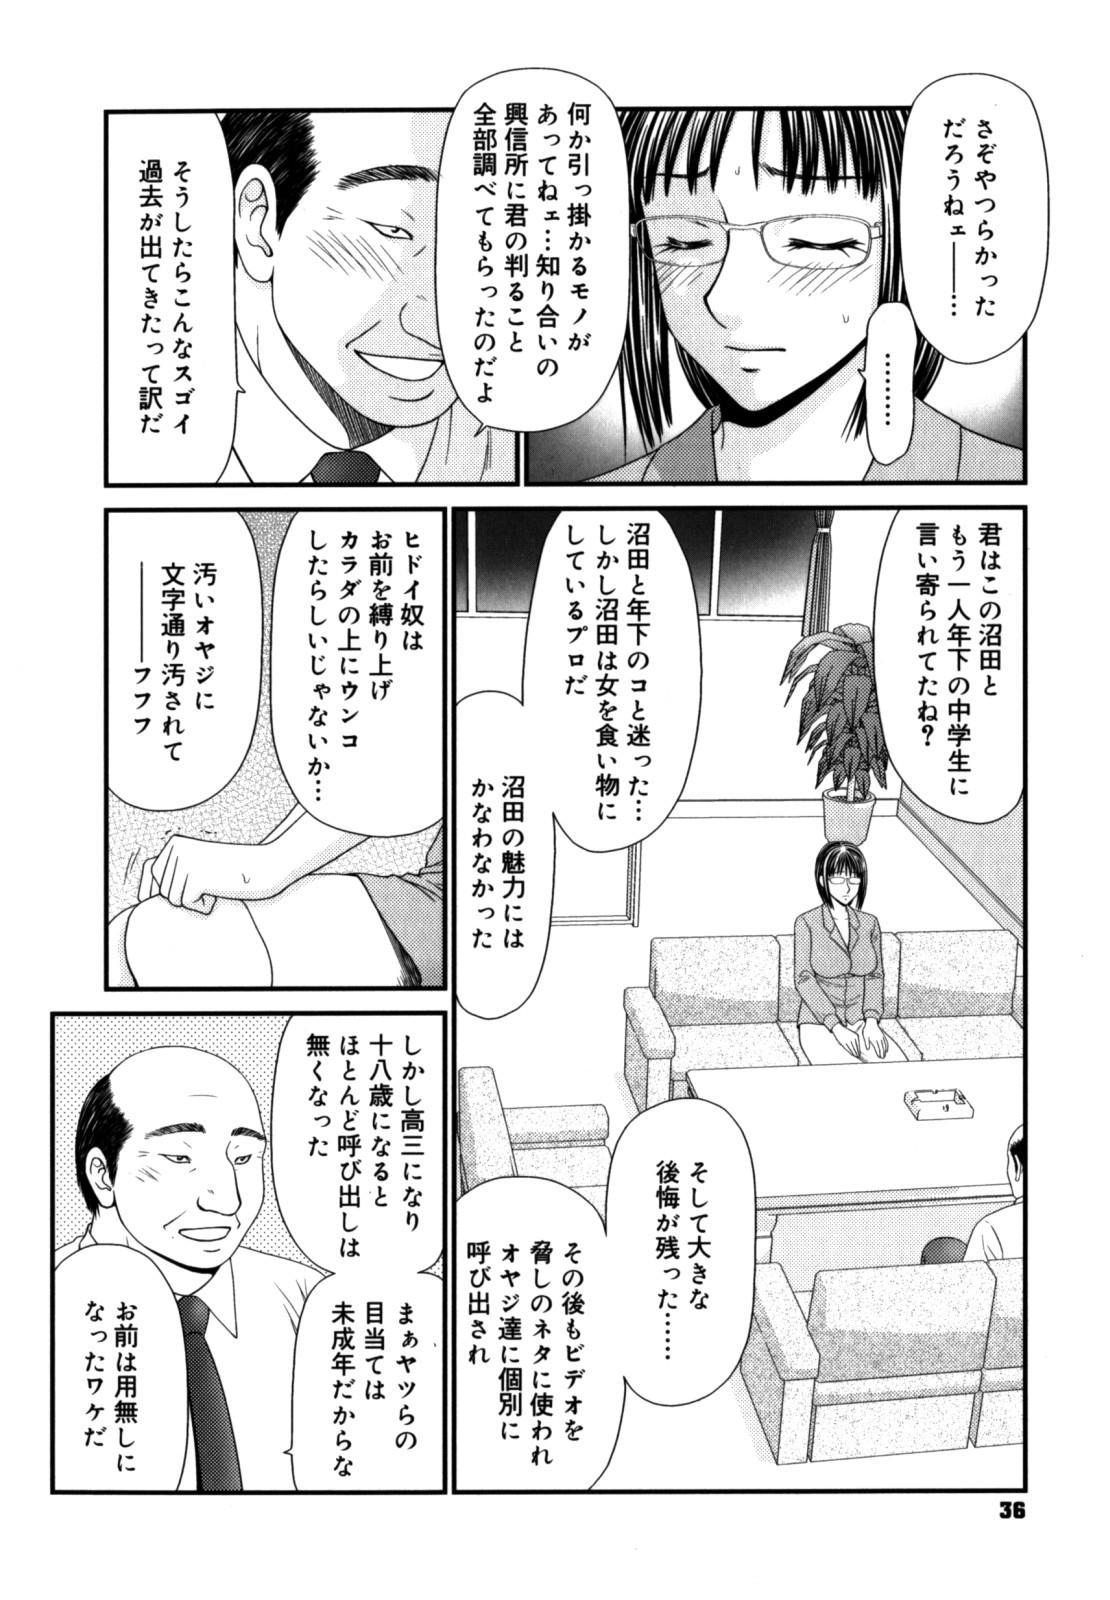 Gakuen no Mushikera 2 35